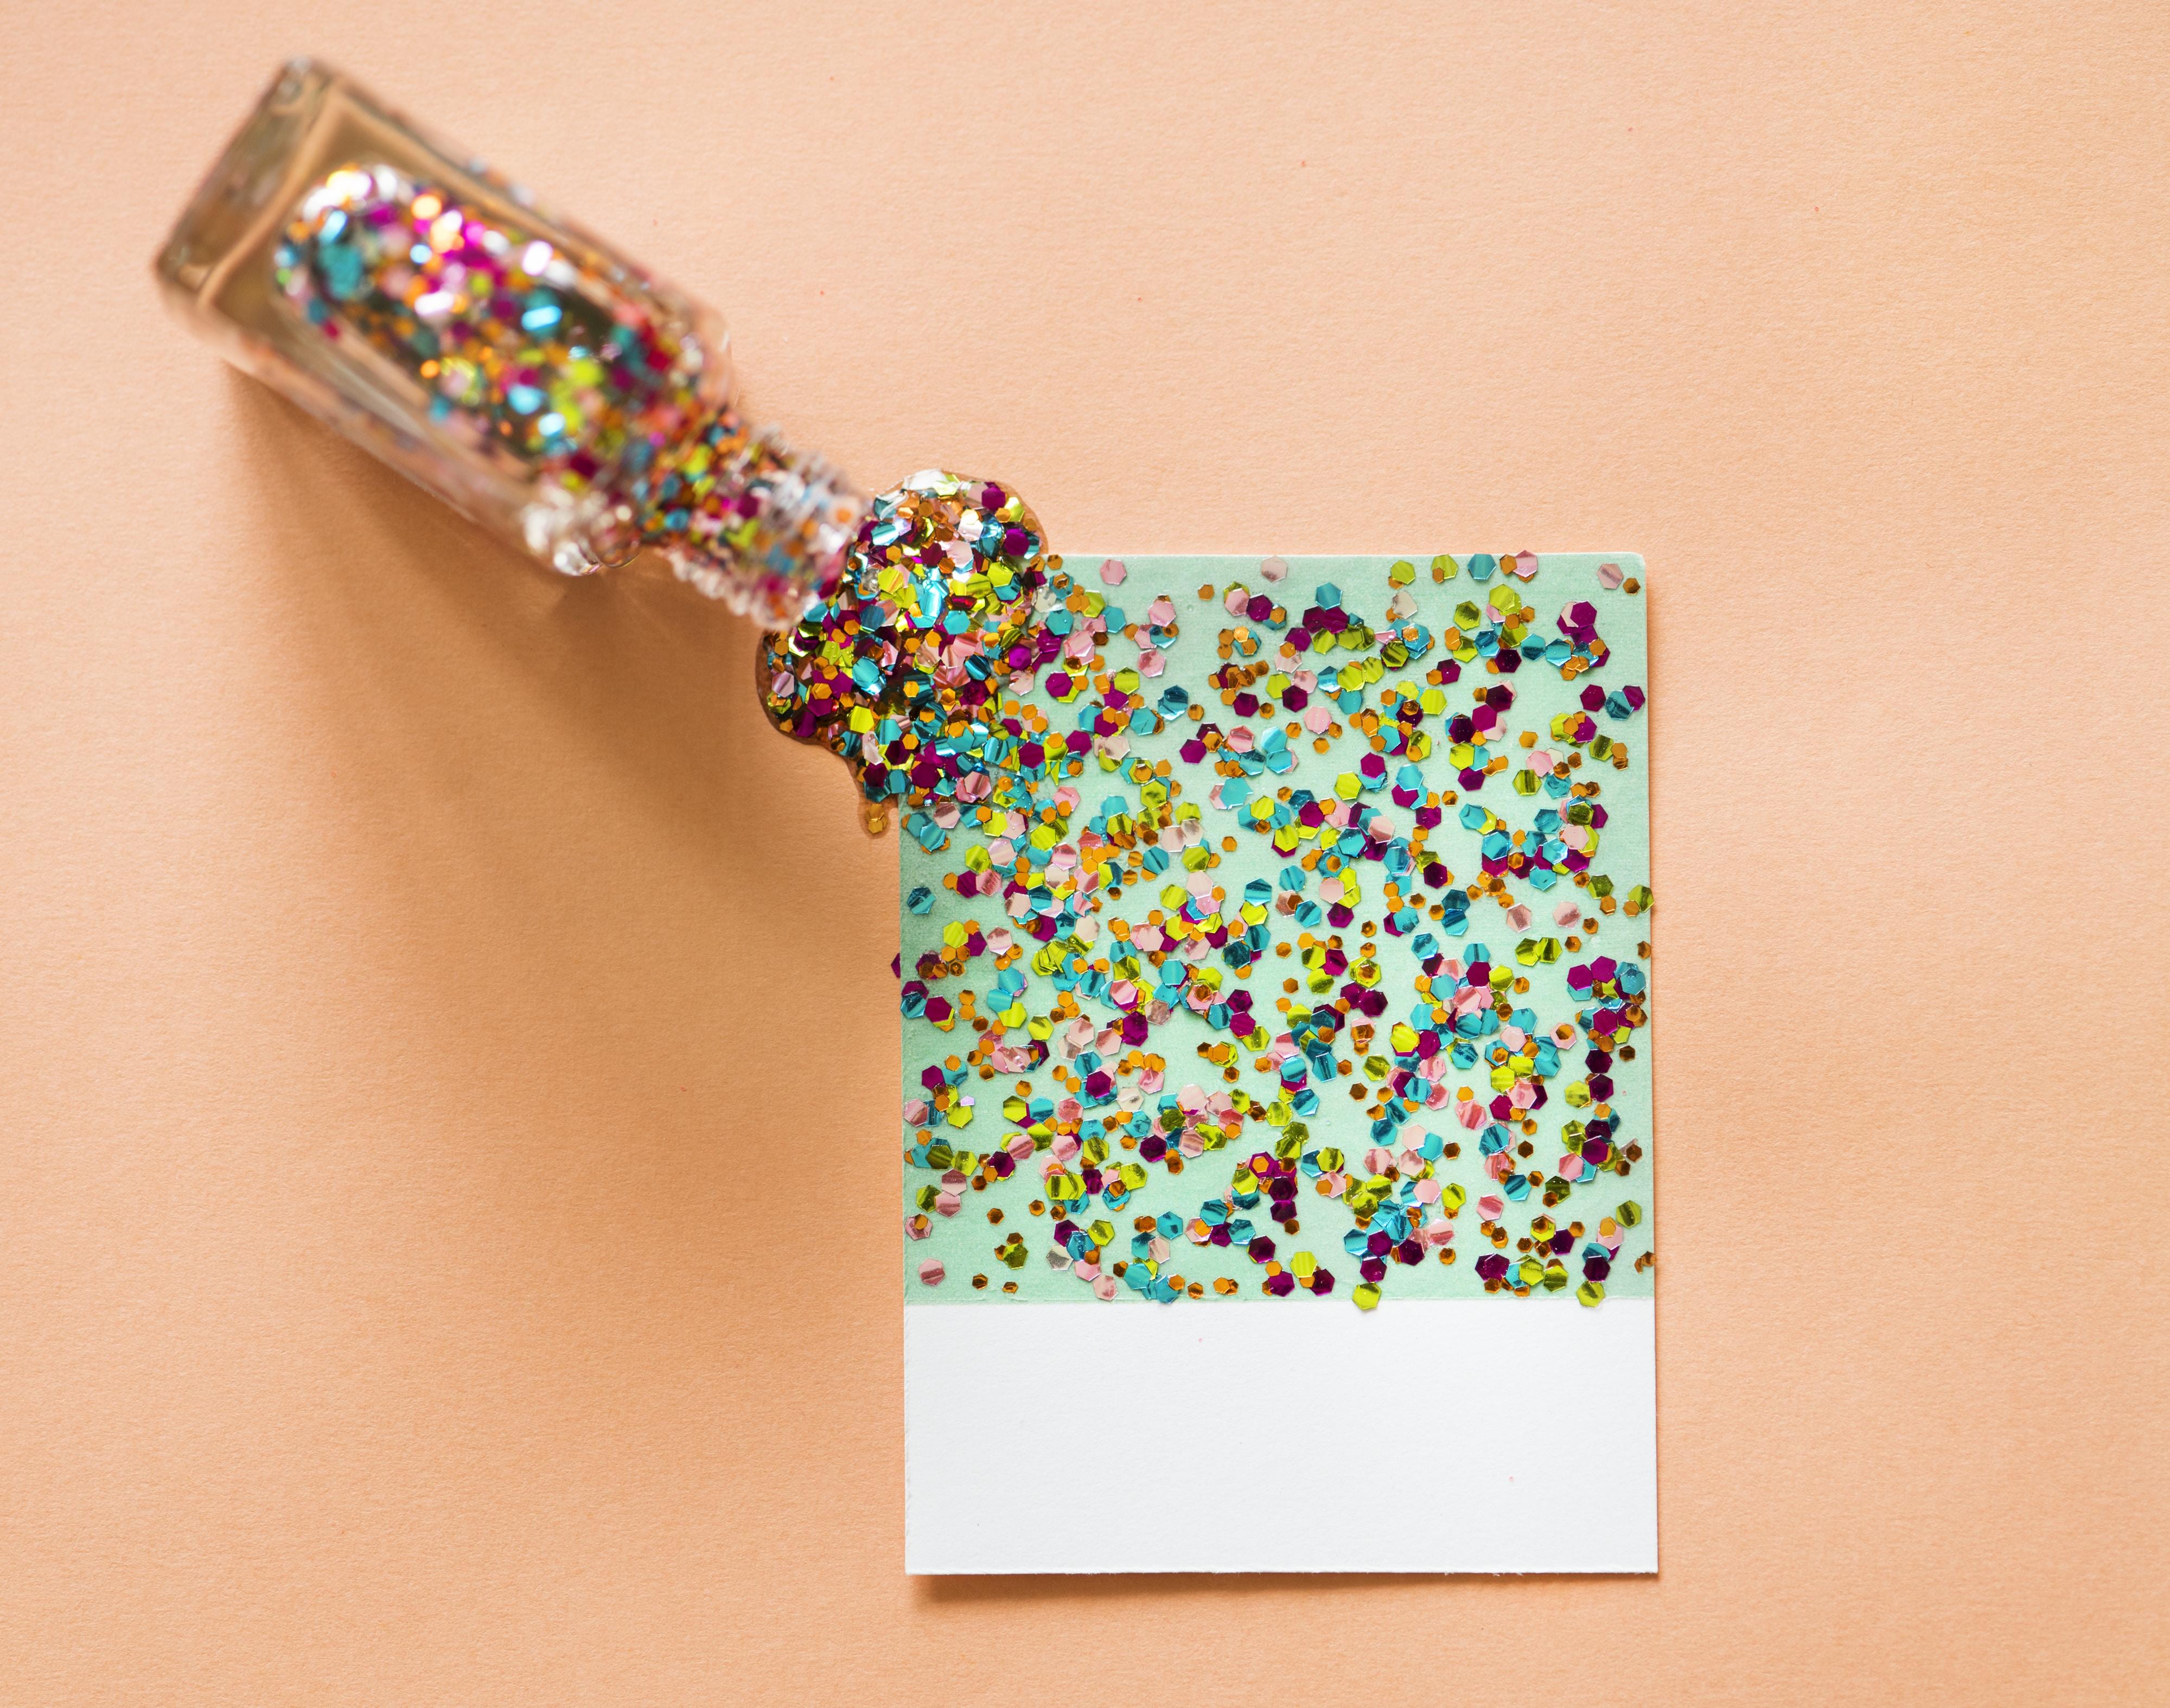 multicolored glitter art on paper